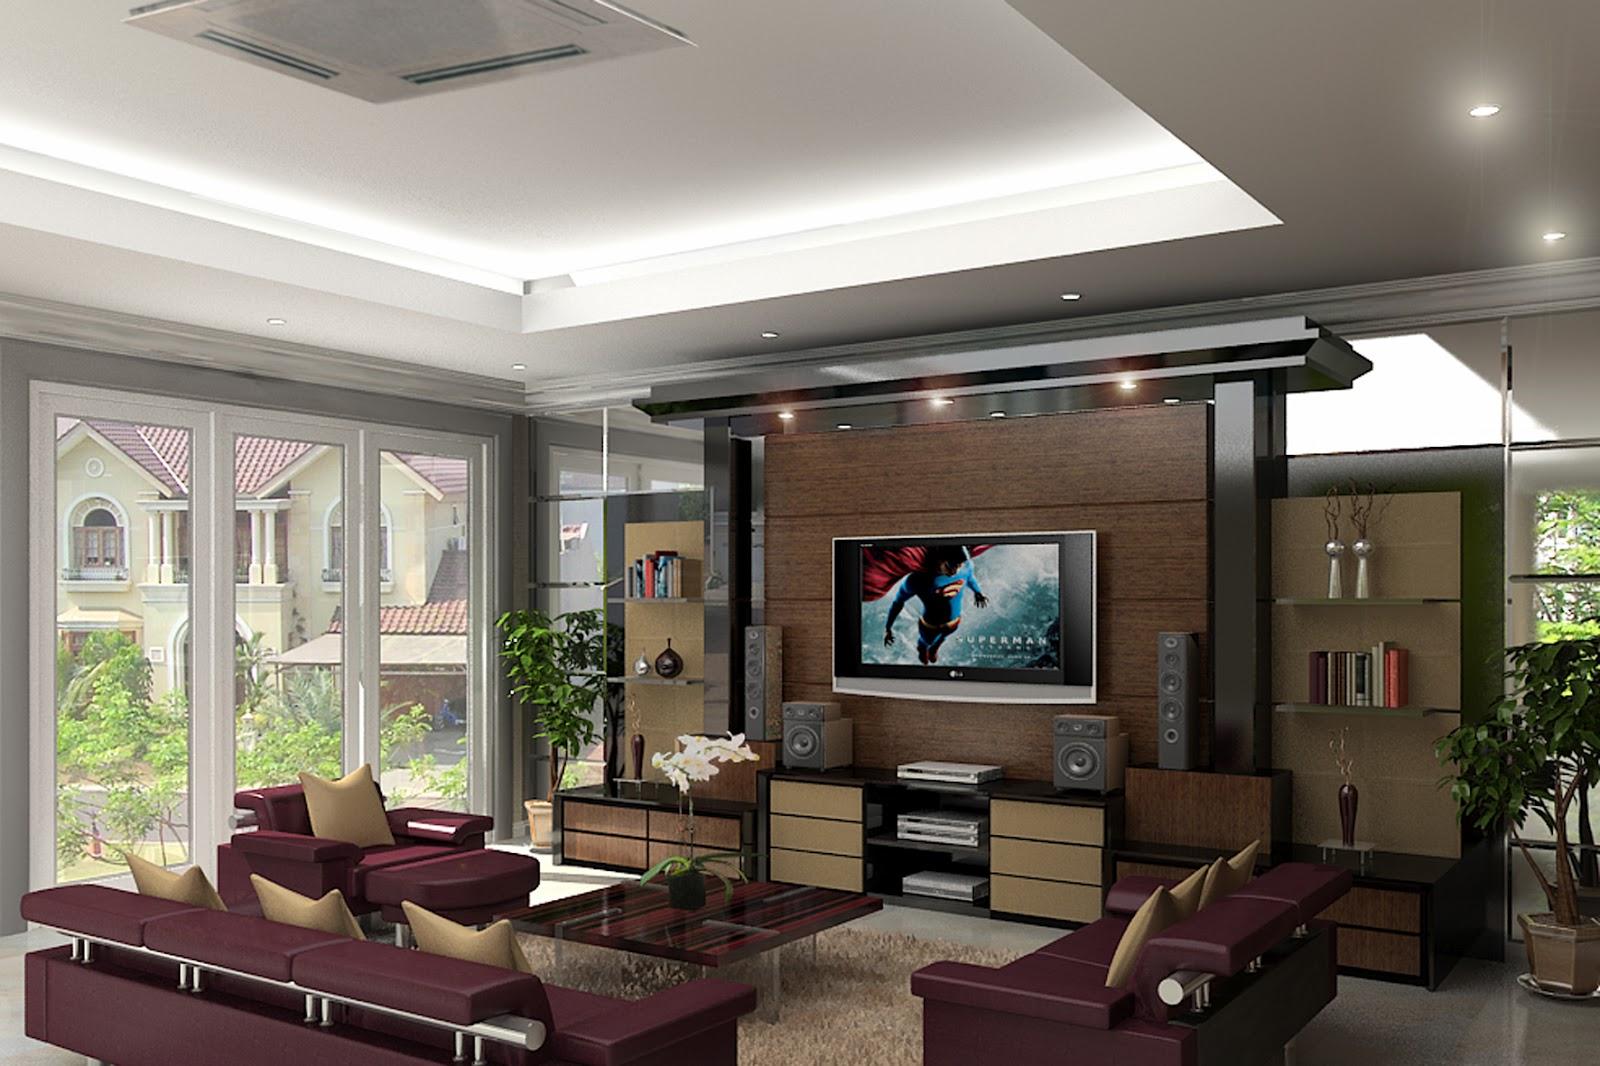 Desain Ruang Keluarga Keren Sobat Interior Rumah